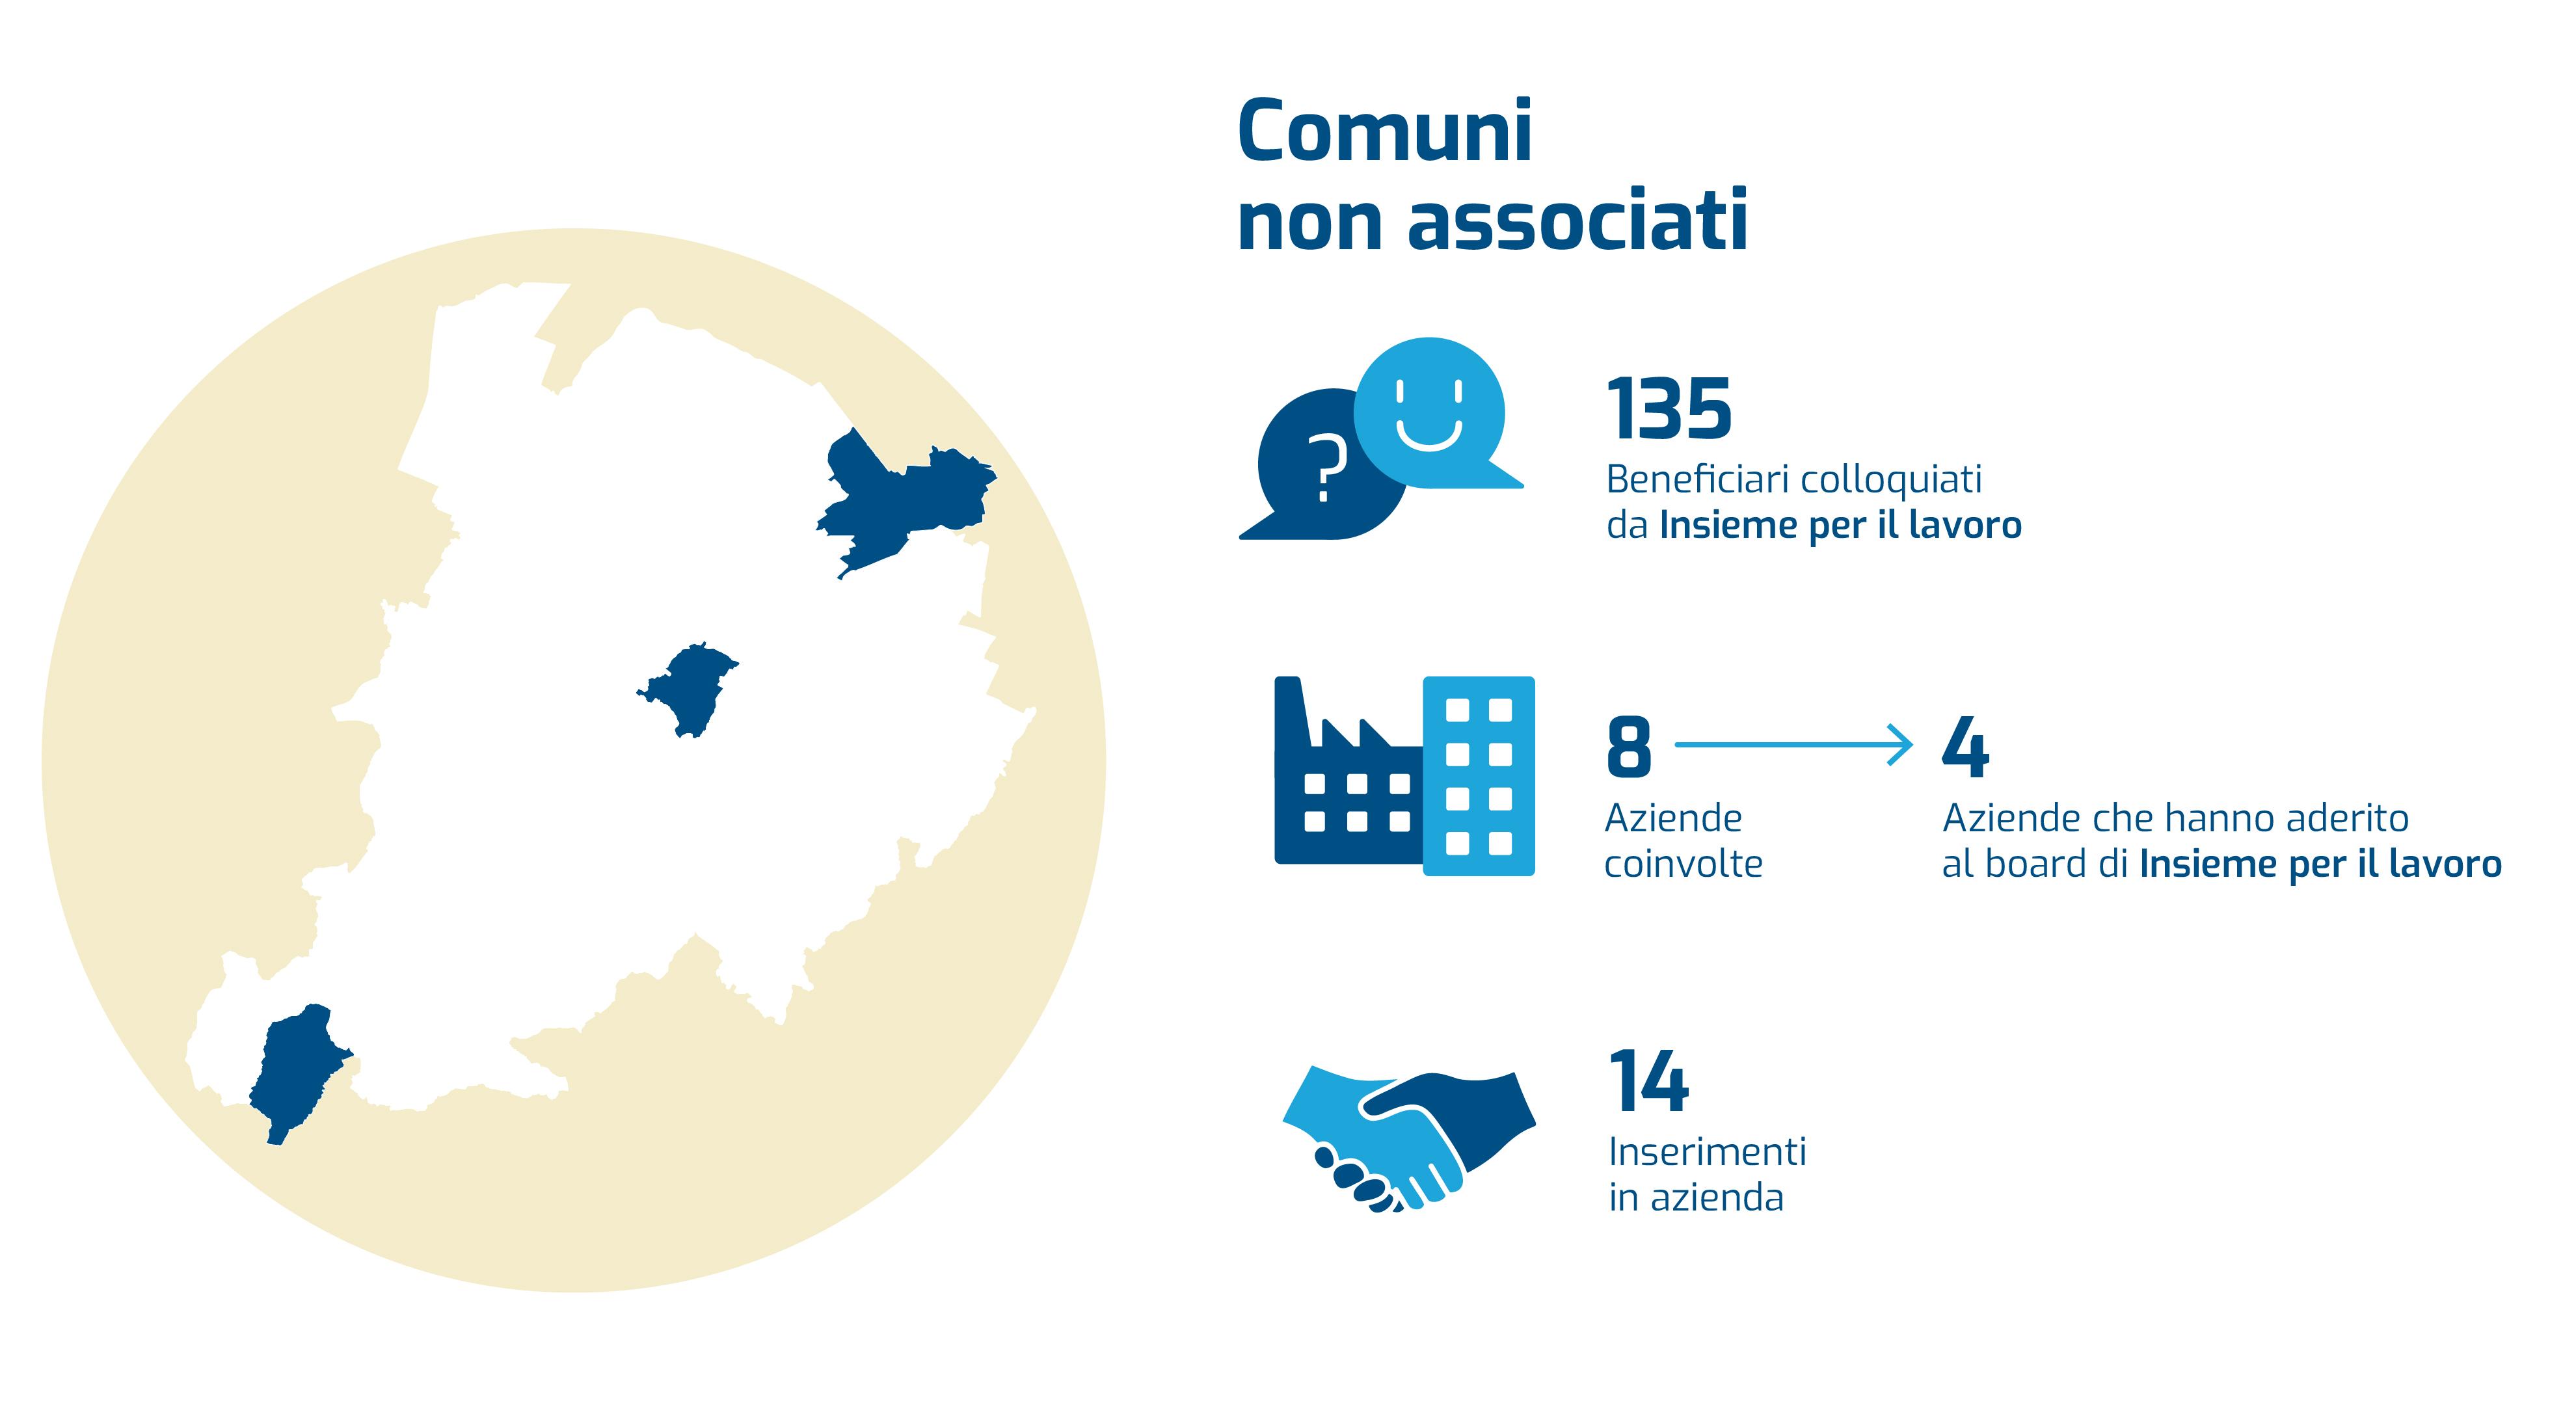 info-grafica Comuni non associati